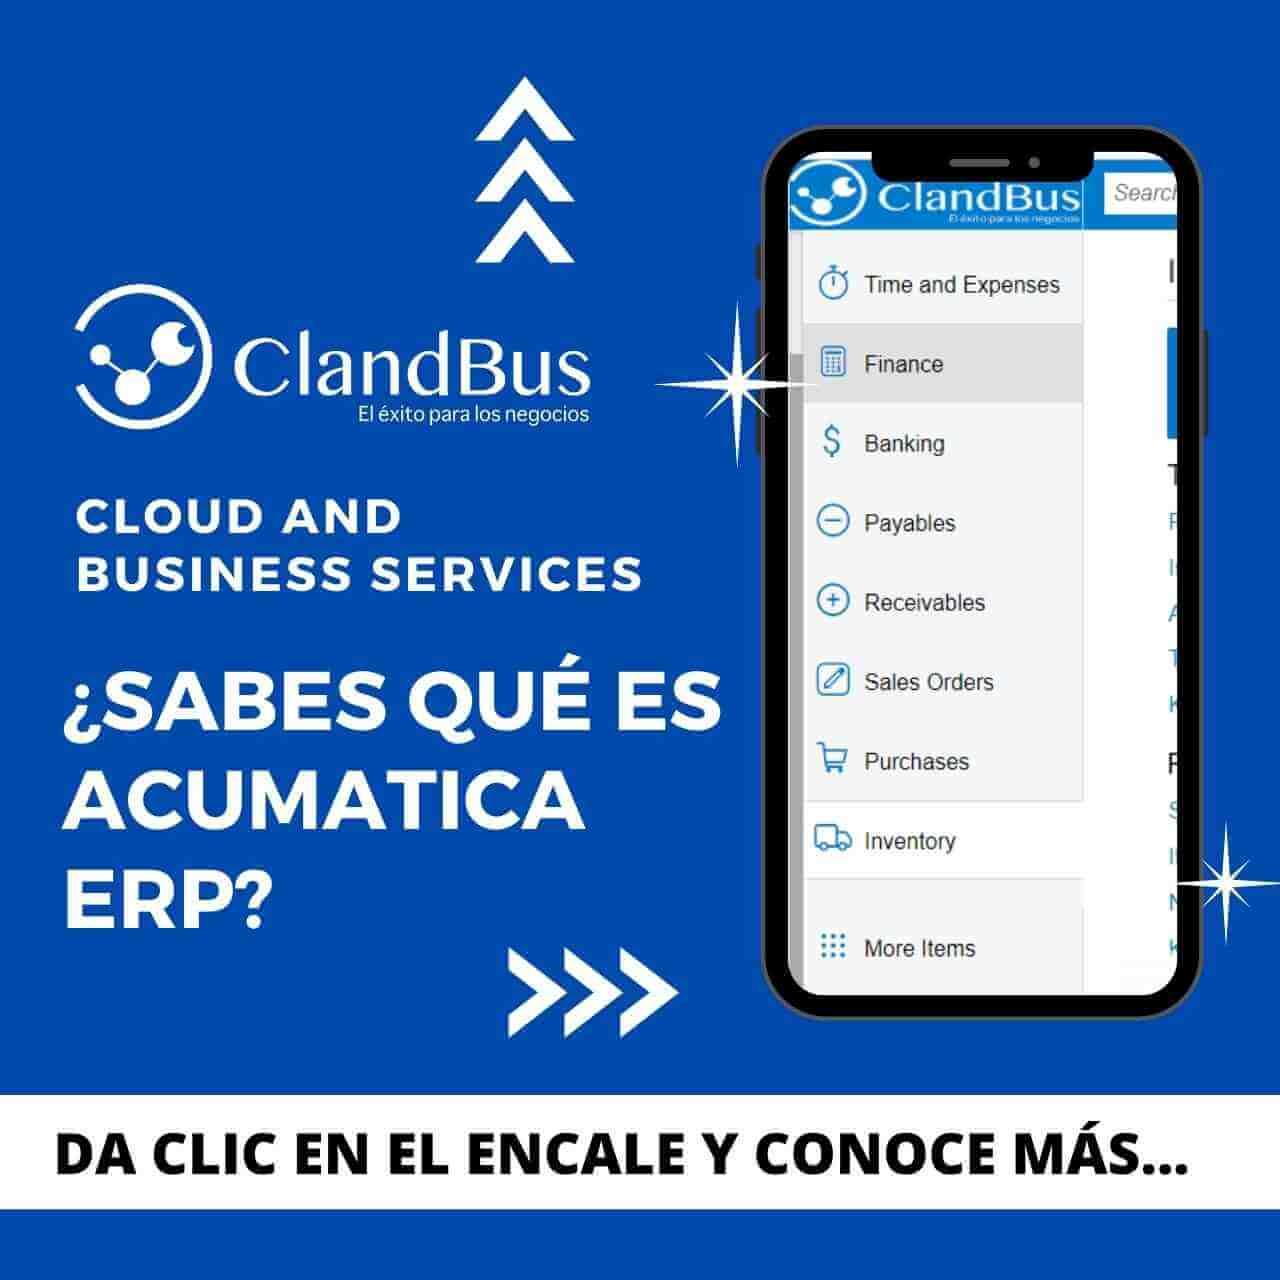 administrar el tiempo- Conoce como mejorar tus tiempos y evitar el estrés por baja productividad en la herramienta de Acumatica ERP y consejos de ClandBus